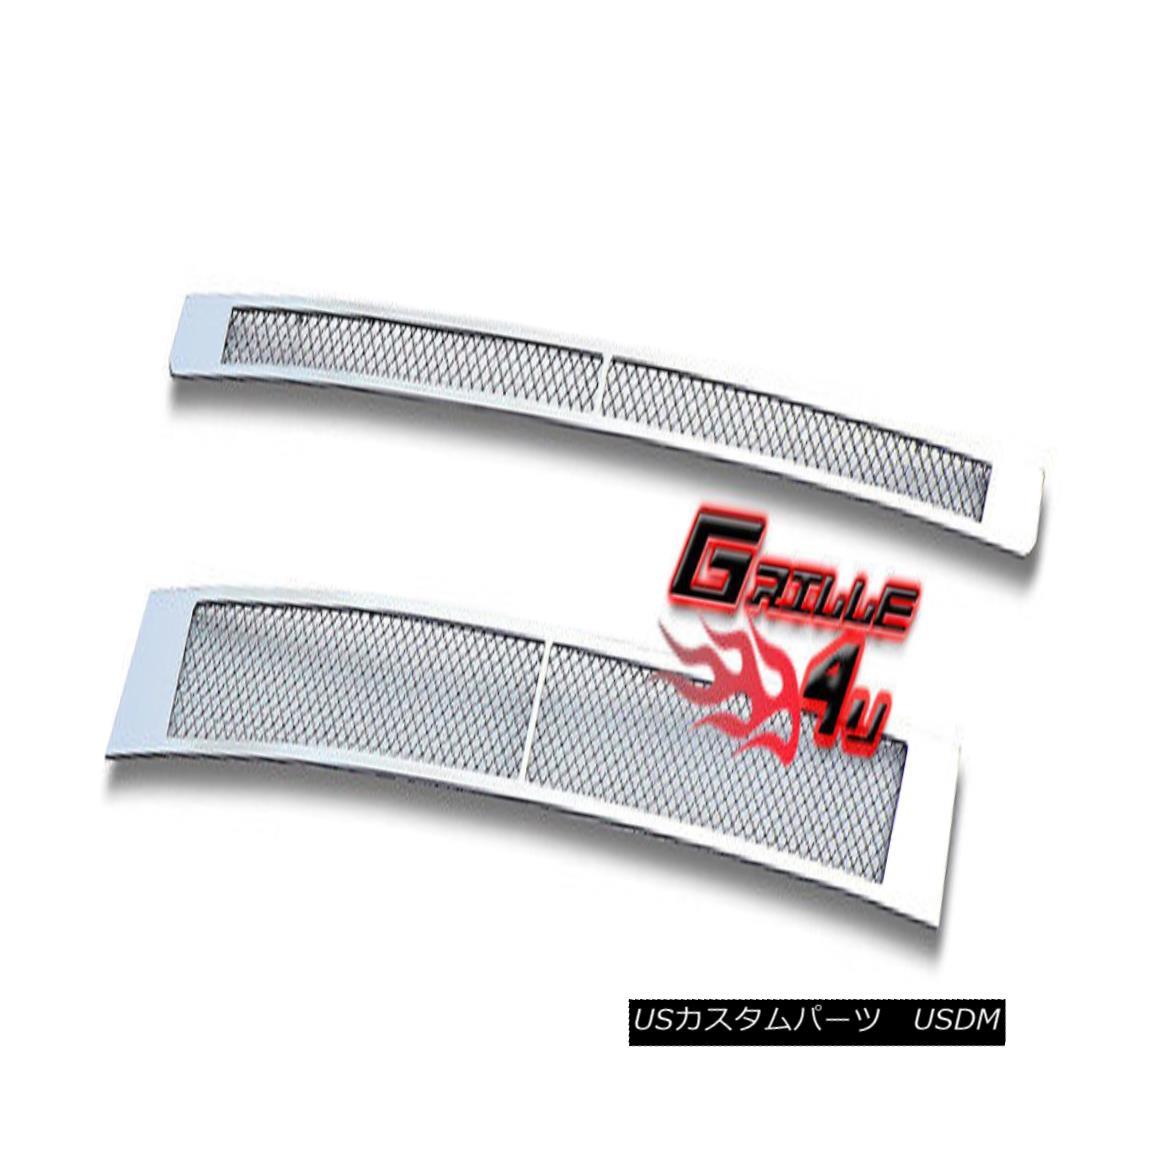 グリル For 2009-2012 Ford Flex Bumper Stainless Steel Mesh Premium Grille Grill 2009?2012年フォードフレックスバンパーステンレスメッシュプレミアムグリルグリル